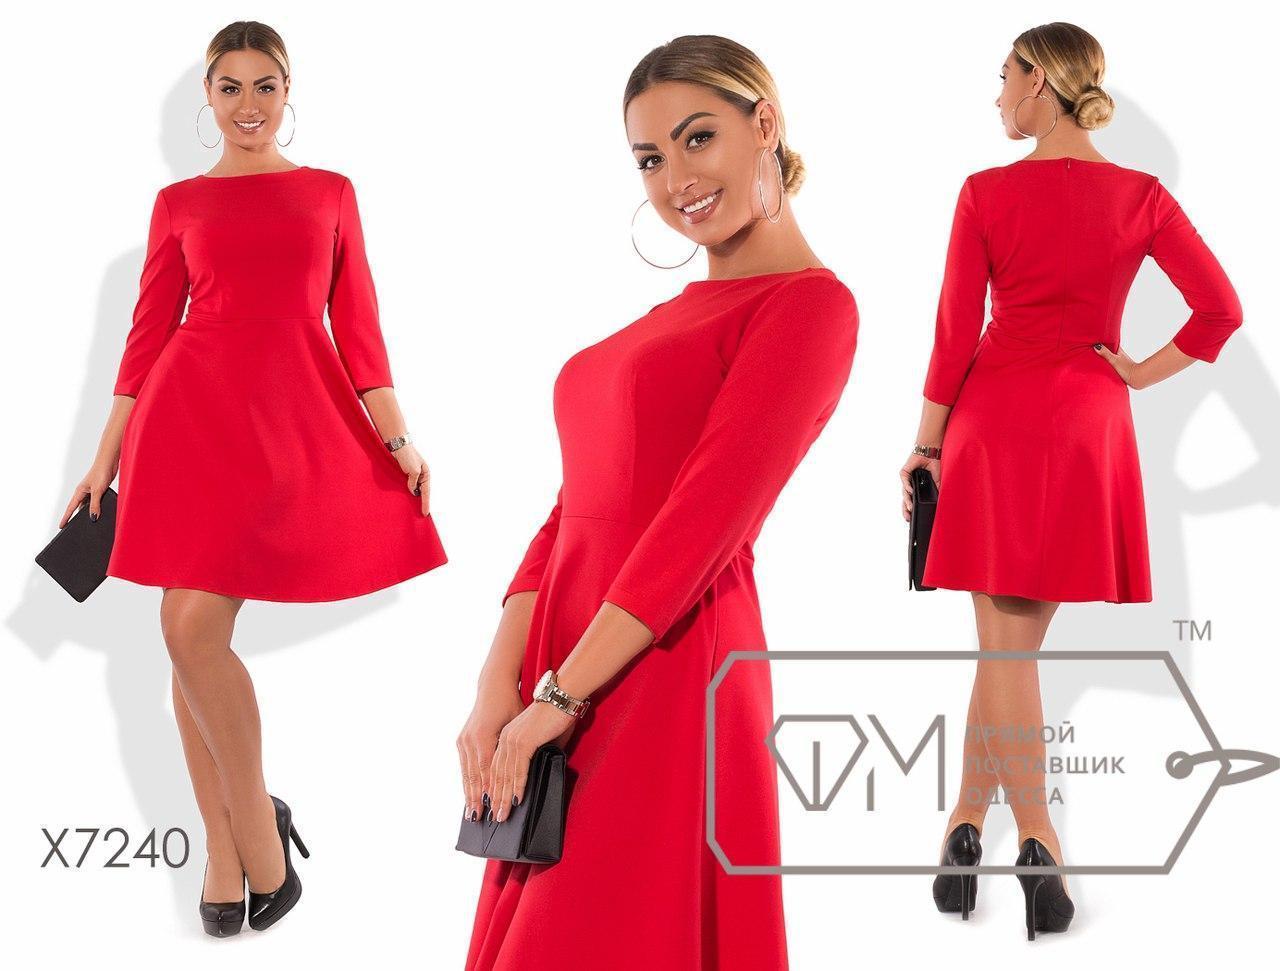 Трикотажное платье с расклешенной юбкой в больших размерах fmx7240